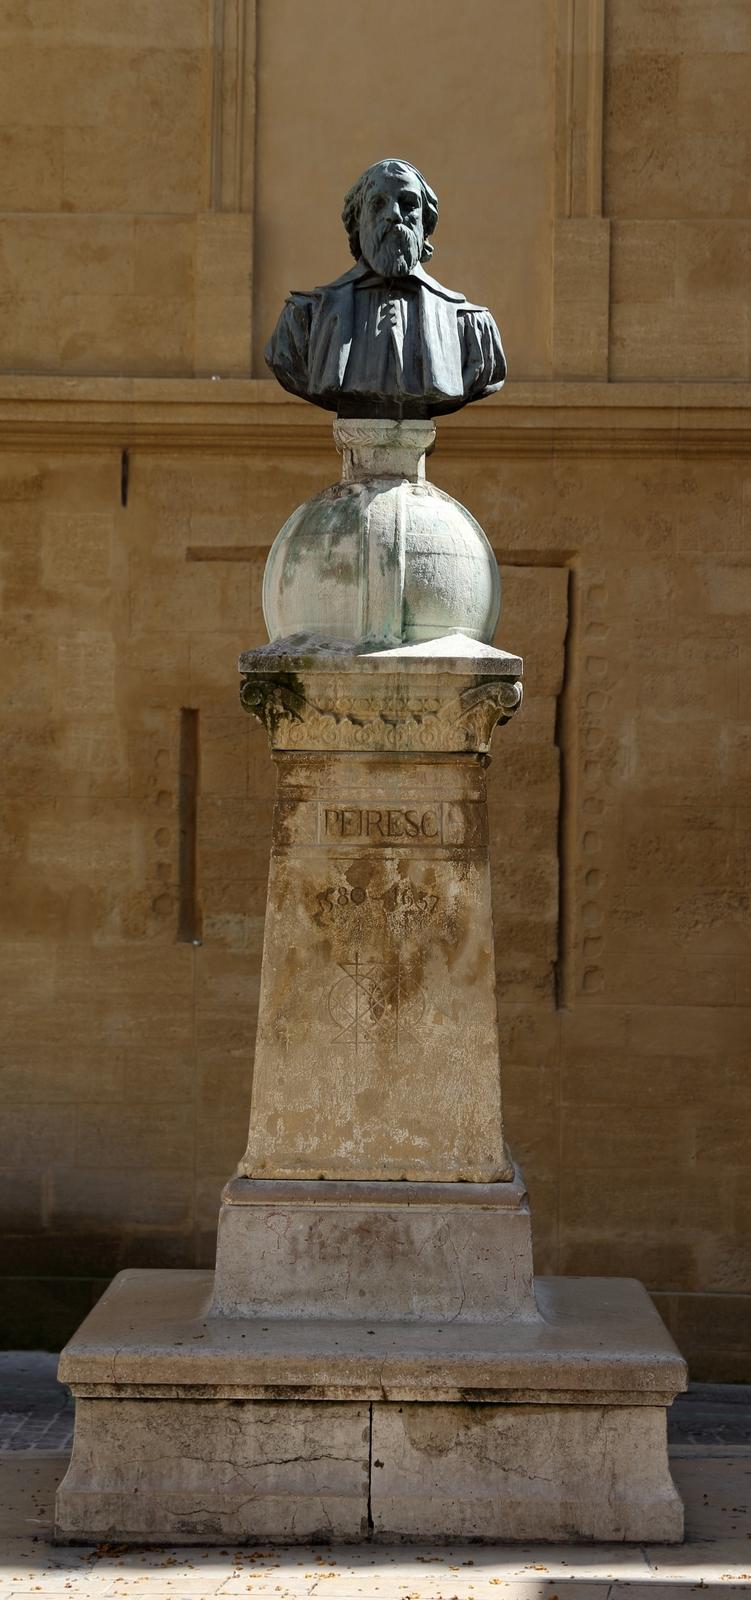 Statue Pereisc